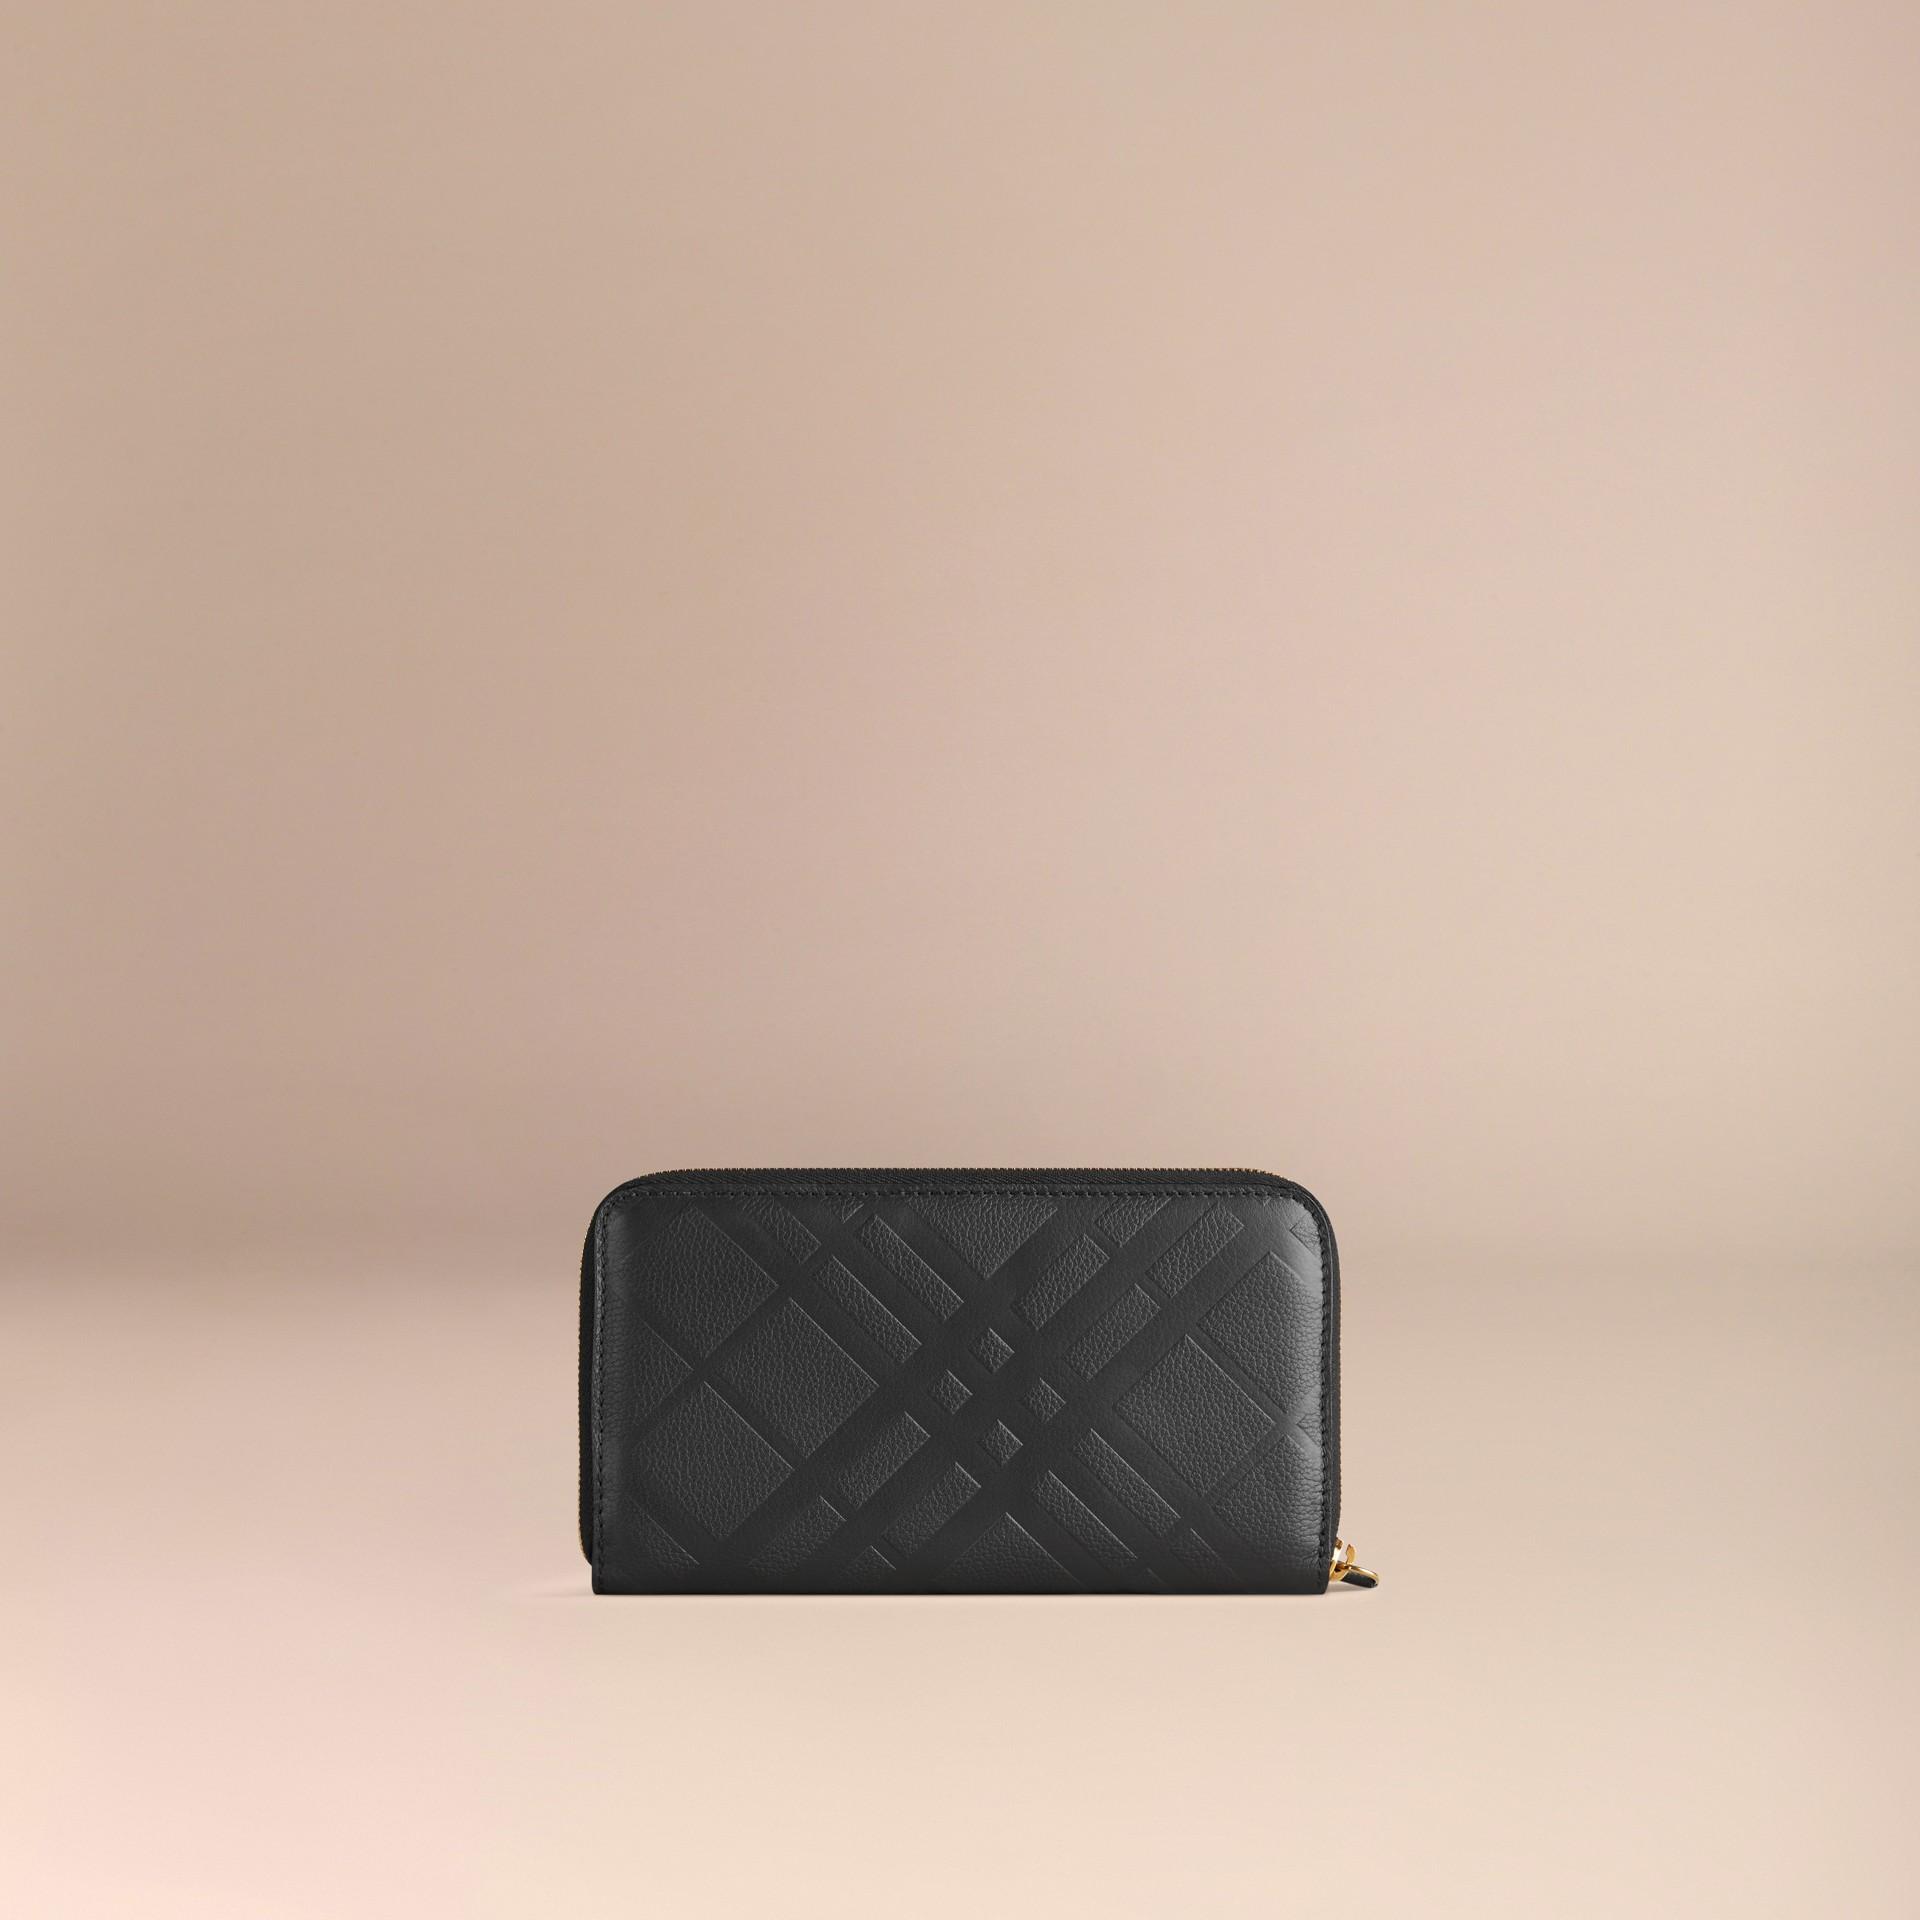 Noir Portefeuille à contour zippé en cuir à motif check estampé Noir - photo de la galerie 3